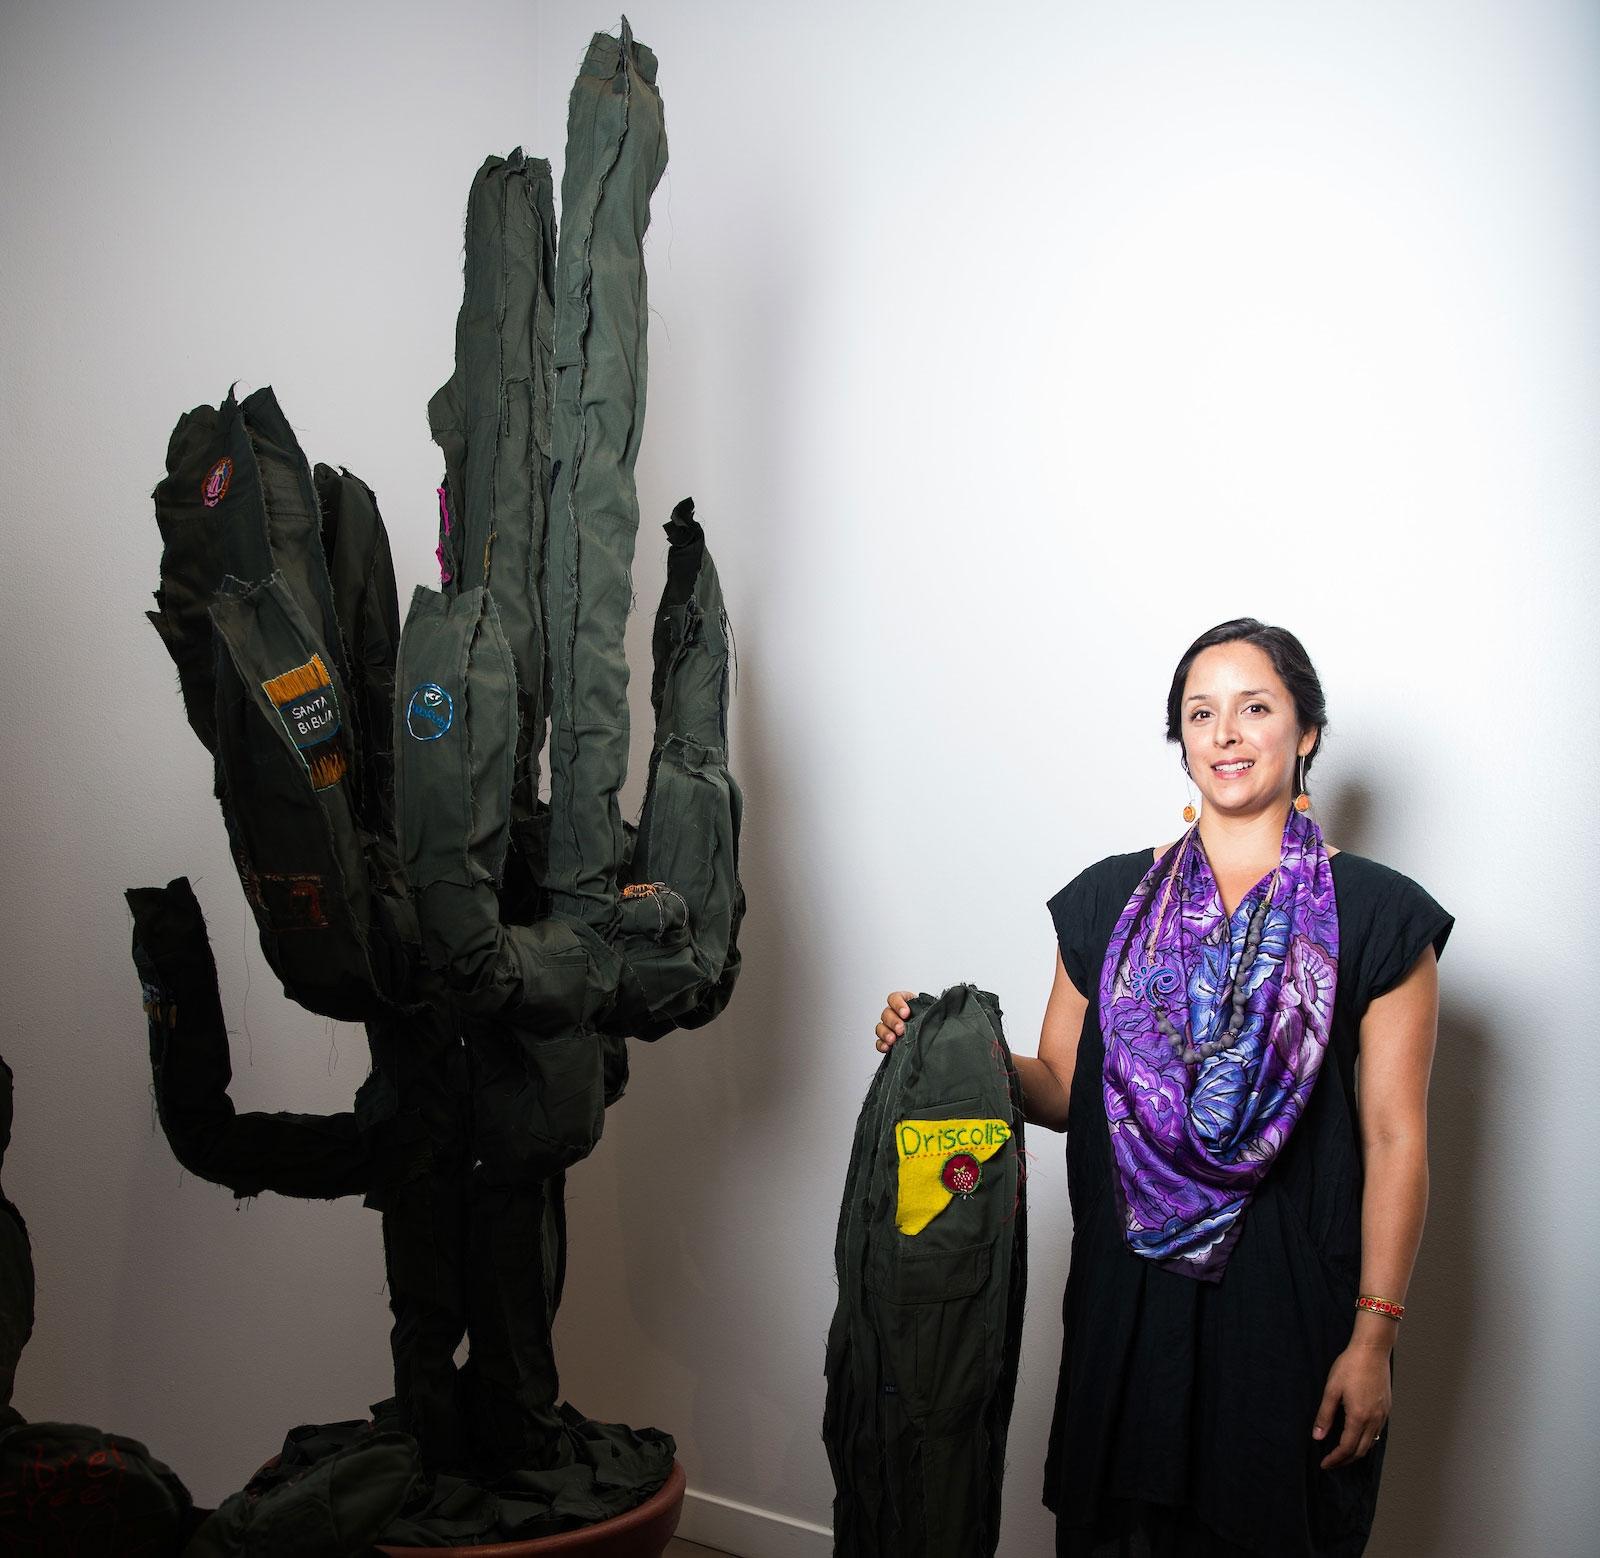 ASU artist Margarita Cabrera